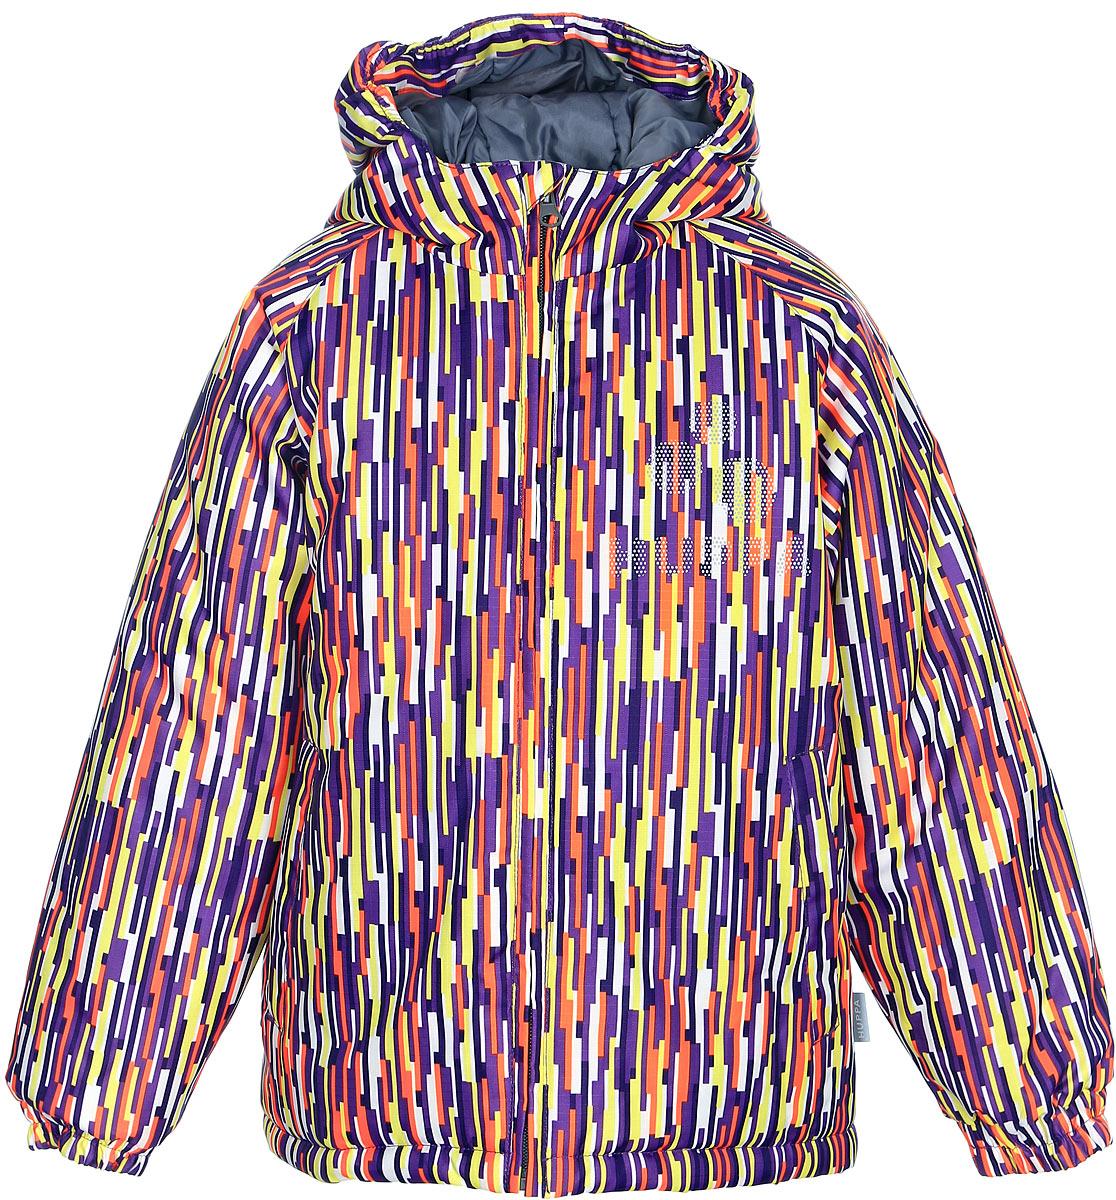 Куртка детская Huppa Classy, цвет: фиолетовый, желтый, белый. 17710030-520. Размер 15217710030-520Детская куртка Huppa изготовлена из водонепроницаемого полиэстера. Куртка с капюшоном застегивается на пластиковую застежку-молнию с защитой подбородка. Края капюшона и рукавов собраны на внутренние резинки. У модели имеются два врезных кармана. Изделие дополнено светоотражающими элементами.